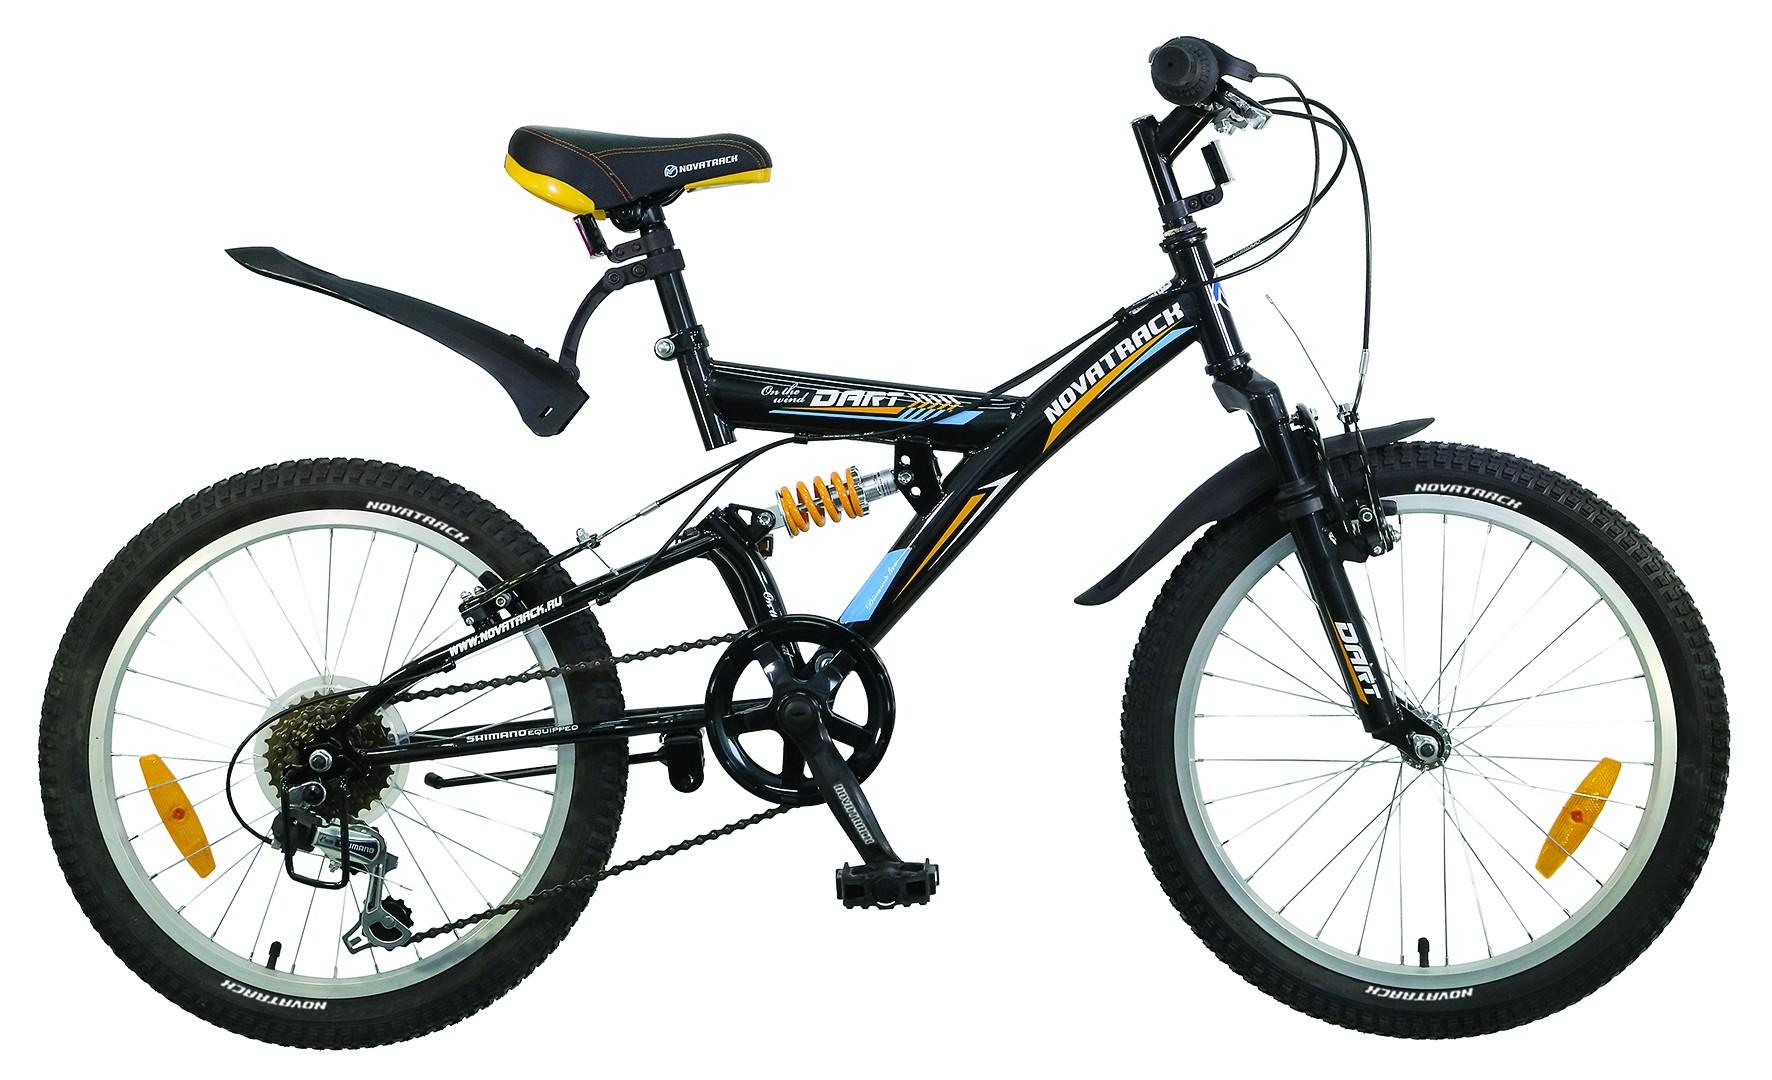 квартир купить велосипед в пределах 6 тысяч новеньких: